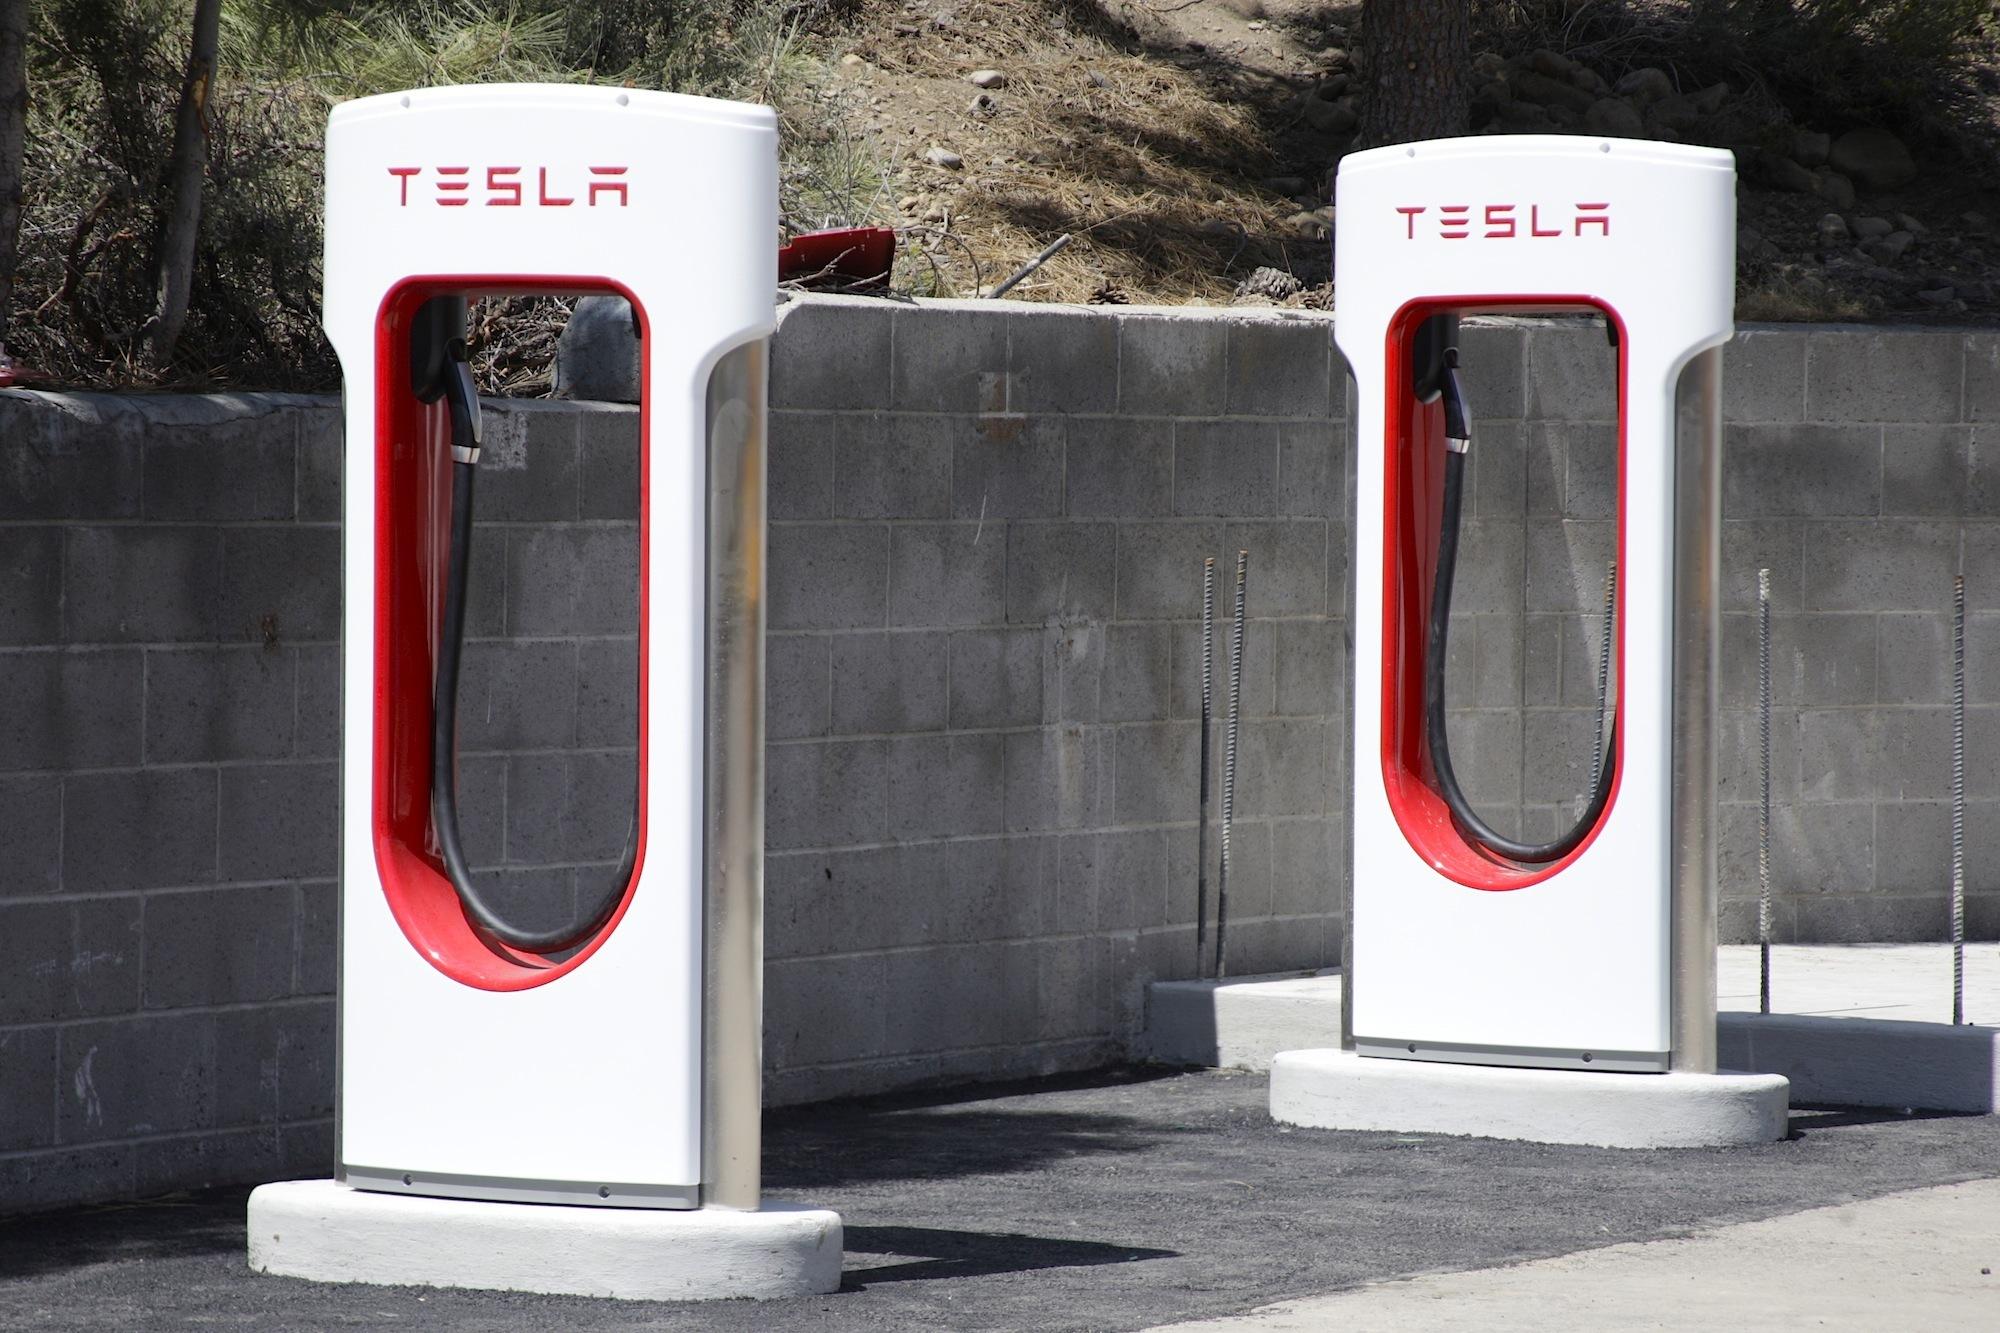 detroit tesla to end unlimited free use of supercharging stations. Black Bedroom Furniture Sets. Home Design Ideas